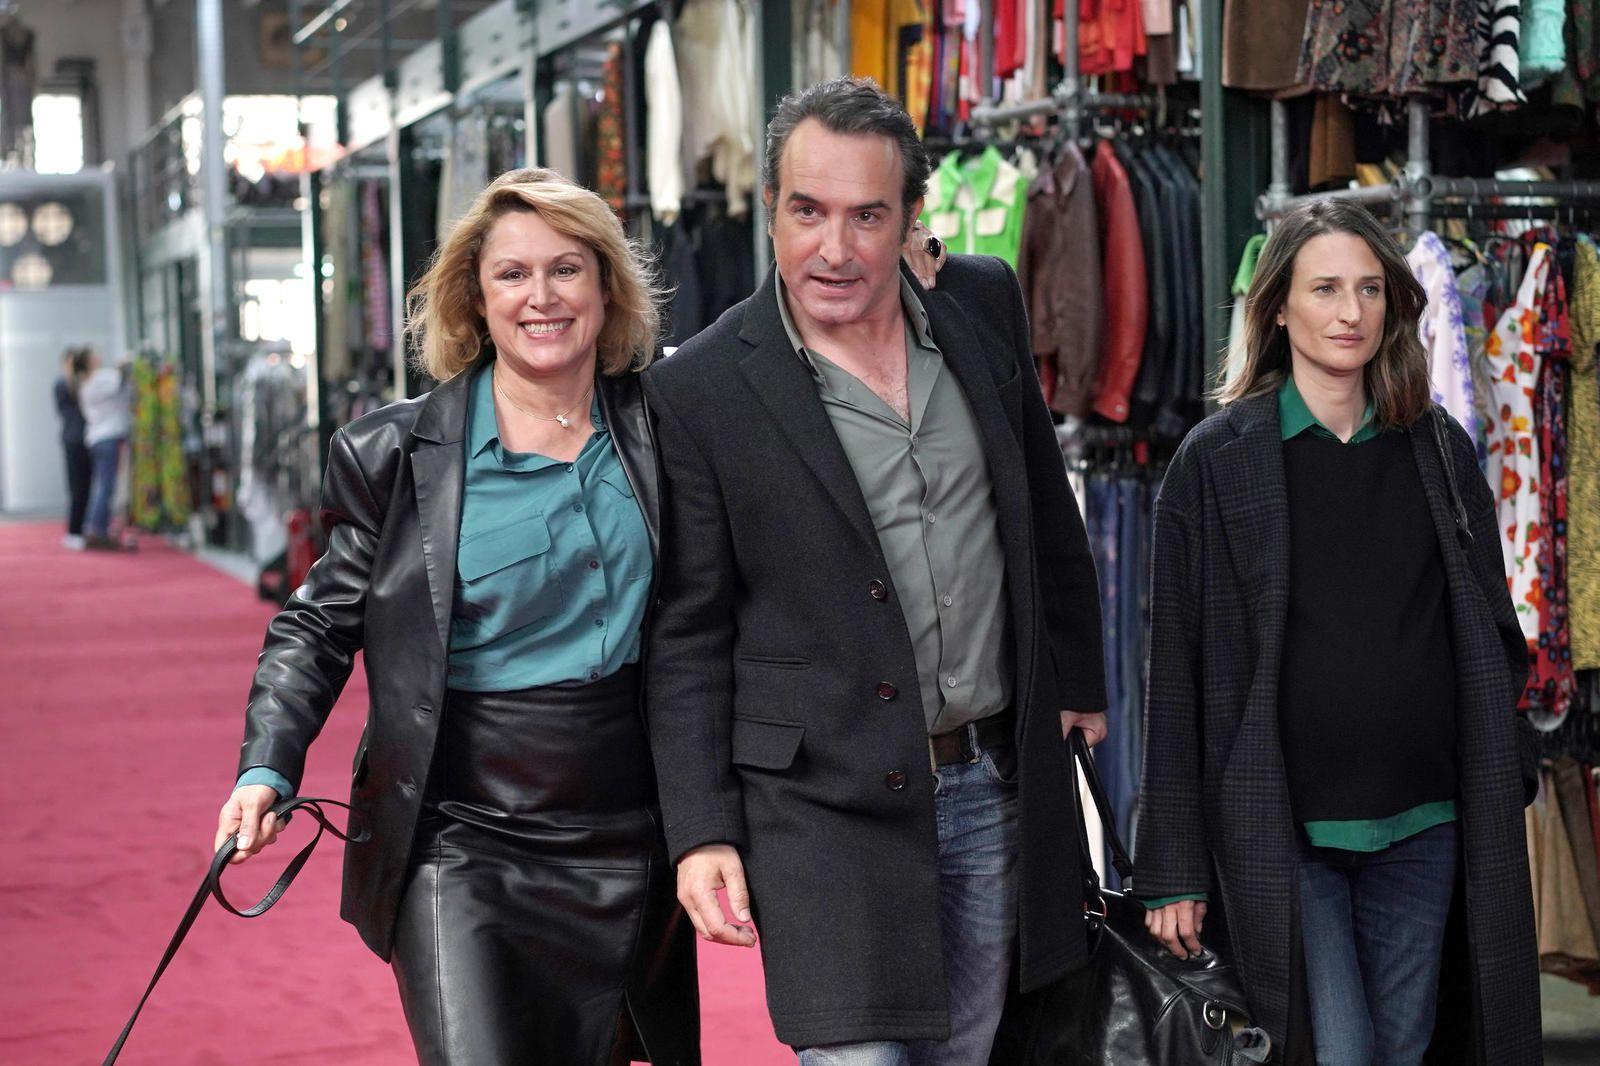 La saison 3 de la série Dix pour cent débarque le 14 novembre sur France 2.